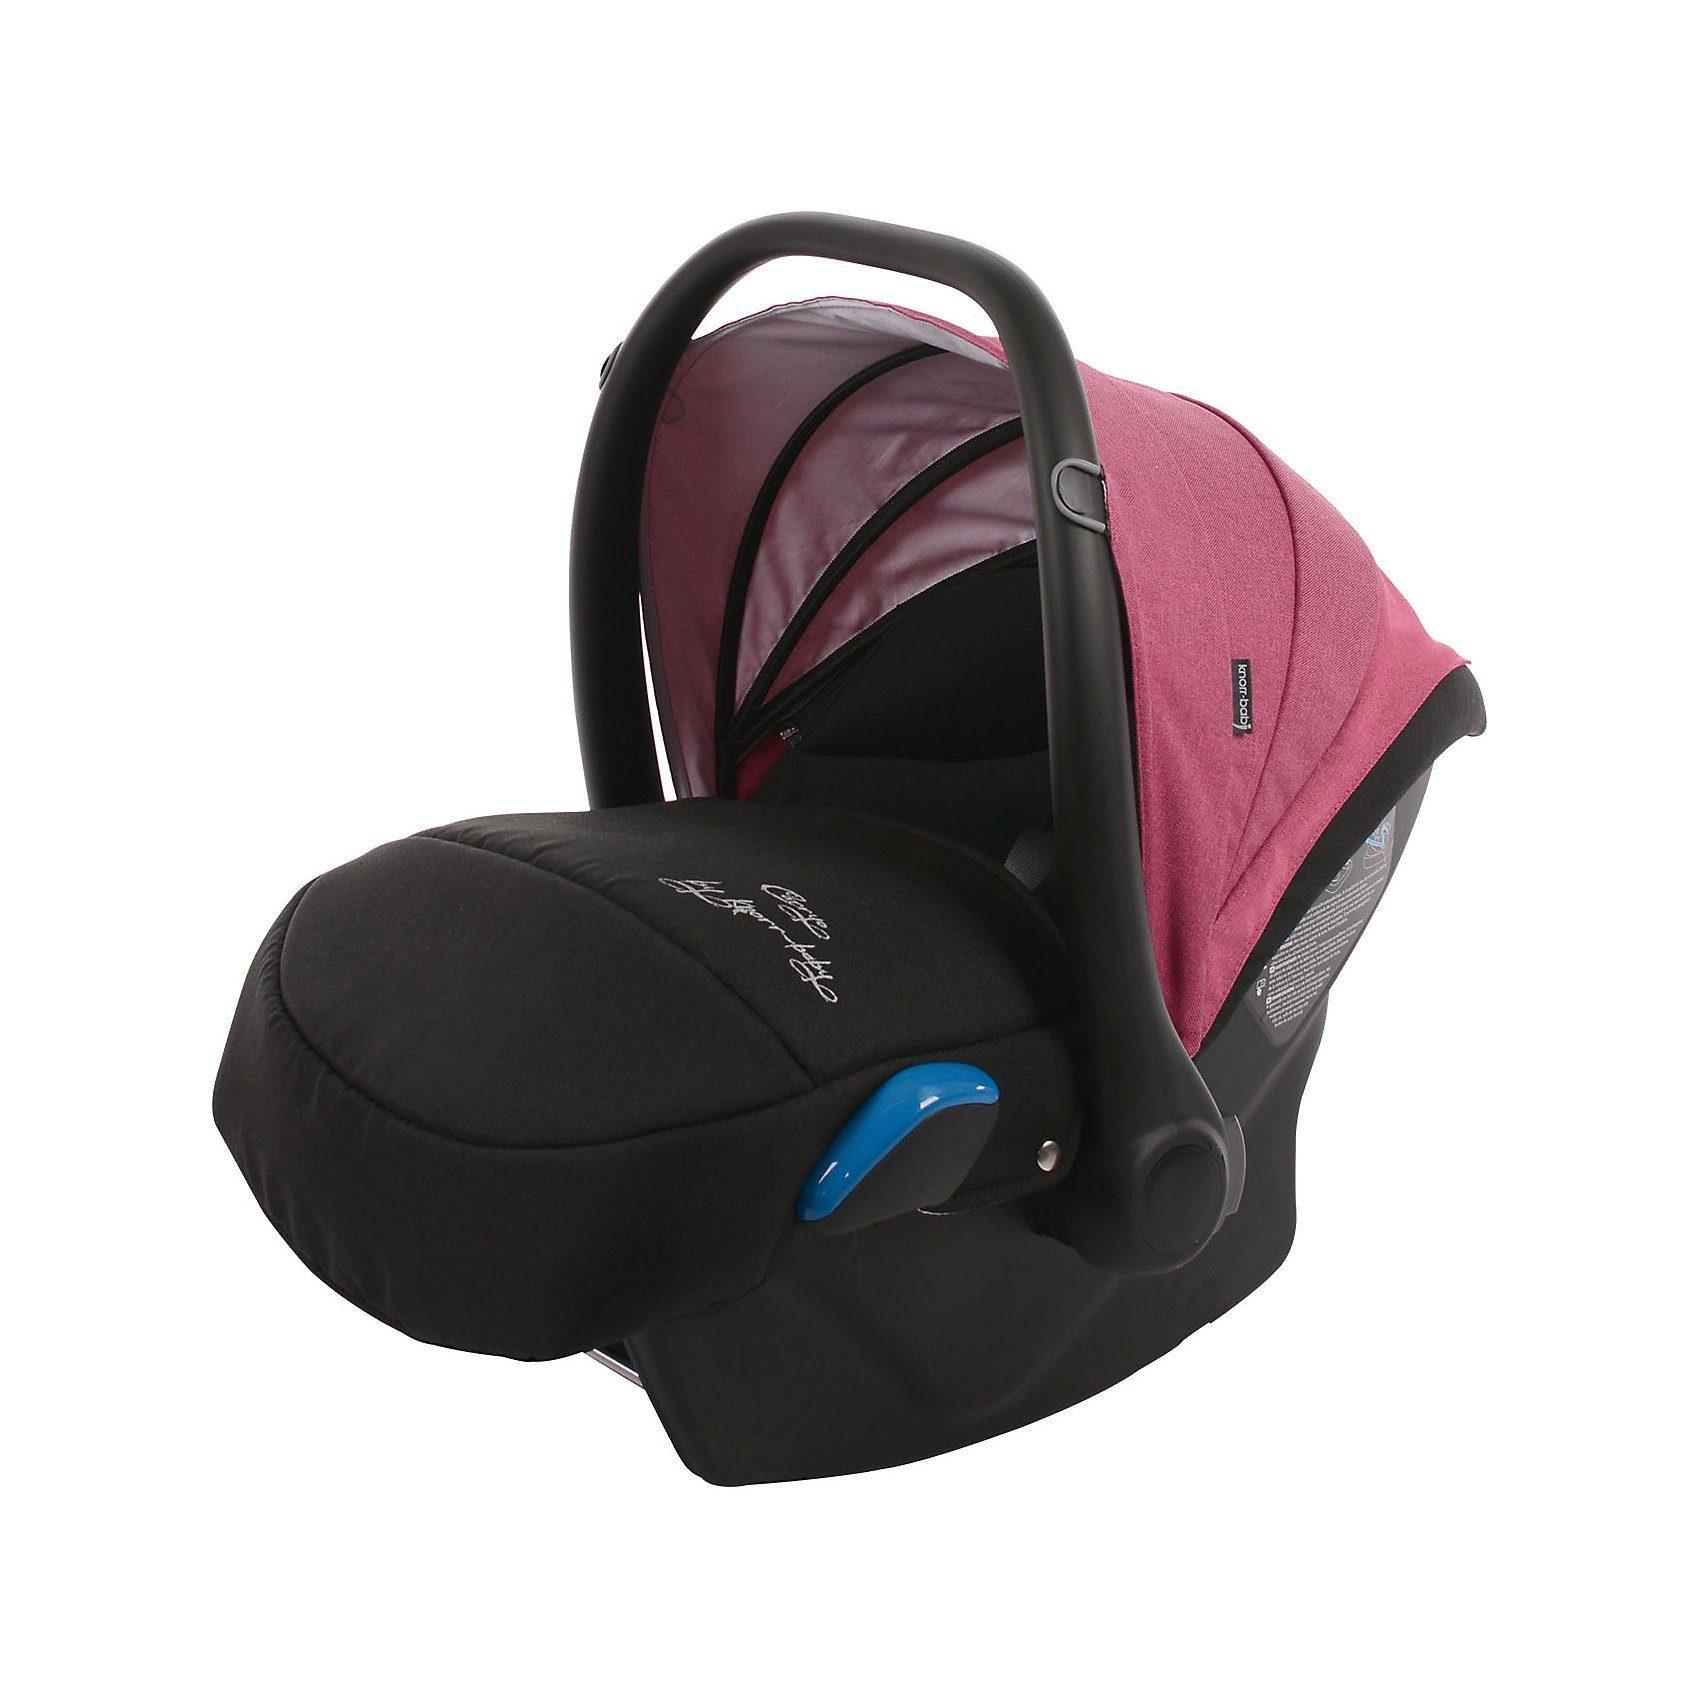 Knorrbaby Babyschale Milan für Voletto Carryo, schwarz-pink